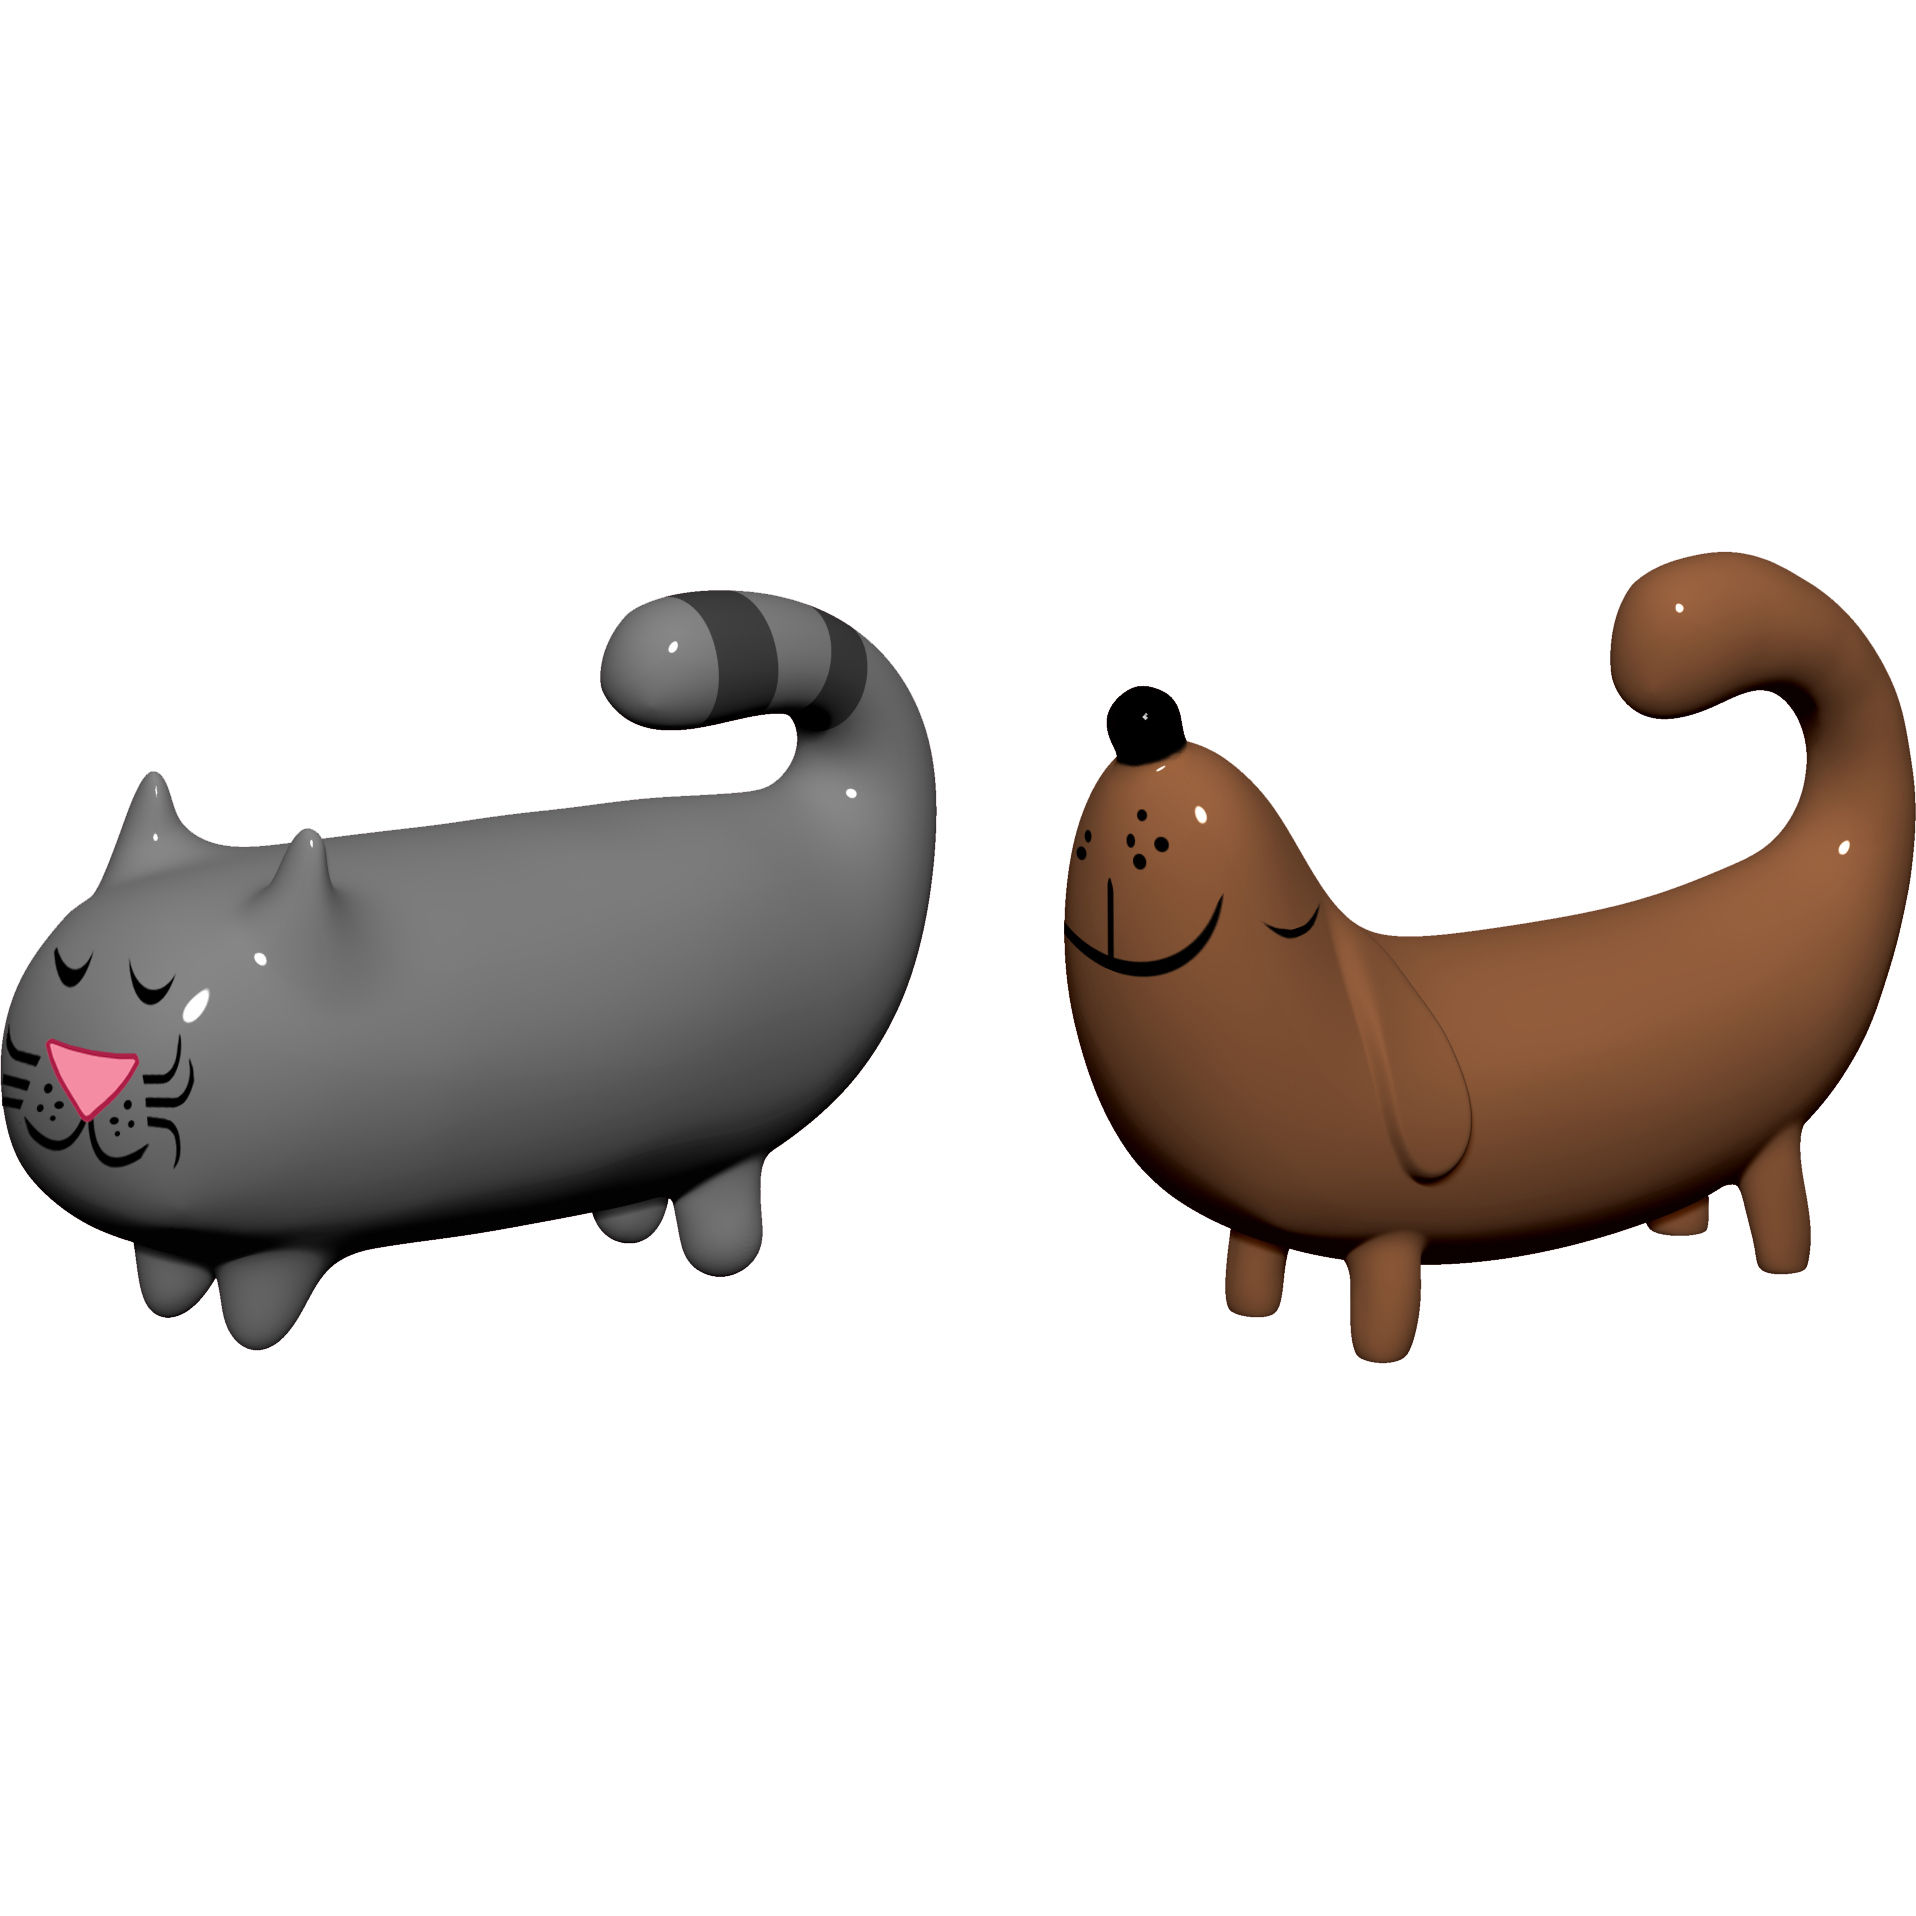 Dekoration - Dekorationsartikel - Ciccio & Melone Krippenfigur / 2 Figuren - Hund und Katze - A di Alessi - Grau & braun - Porzellan